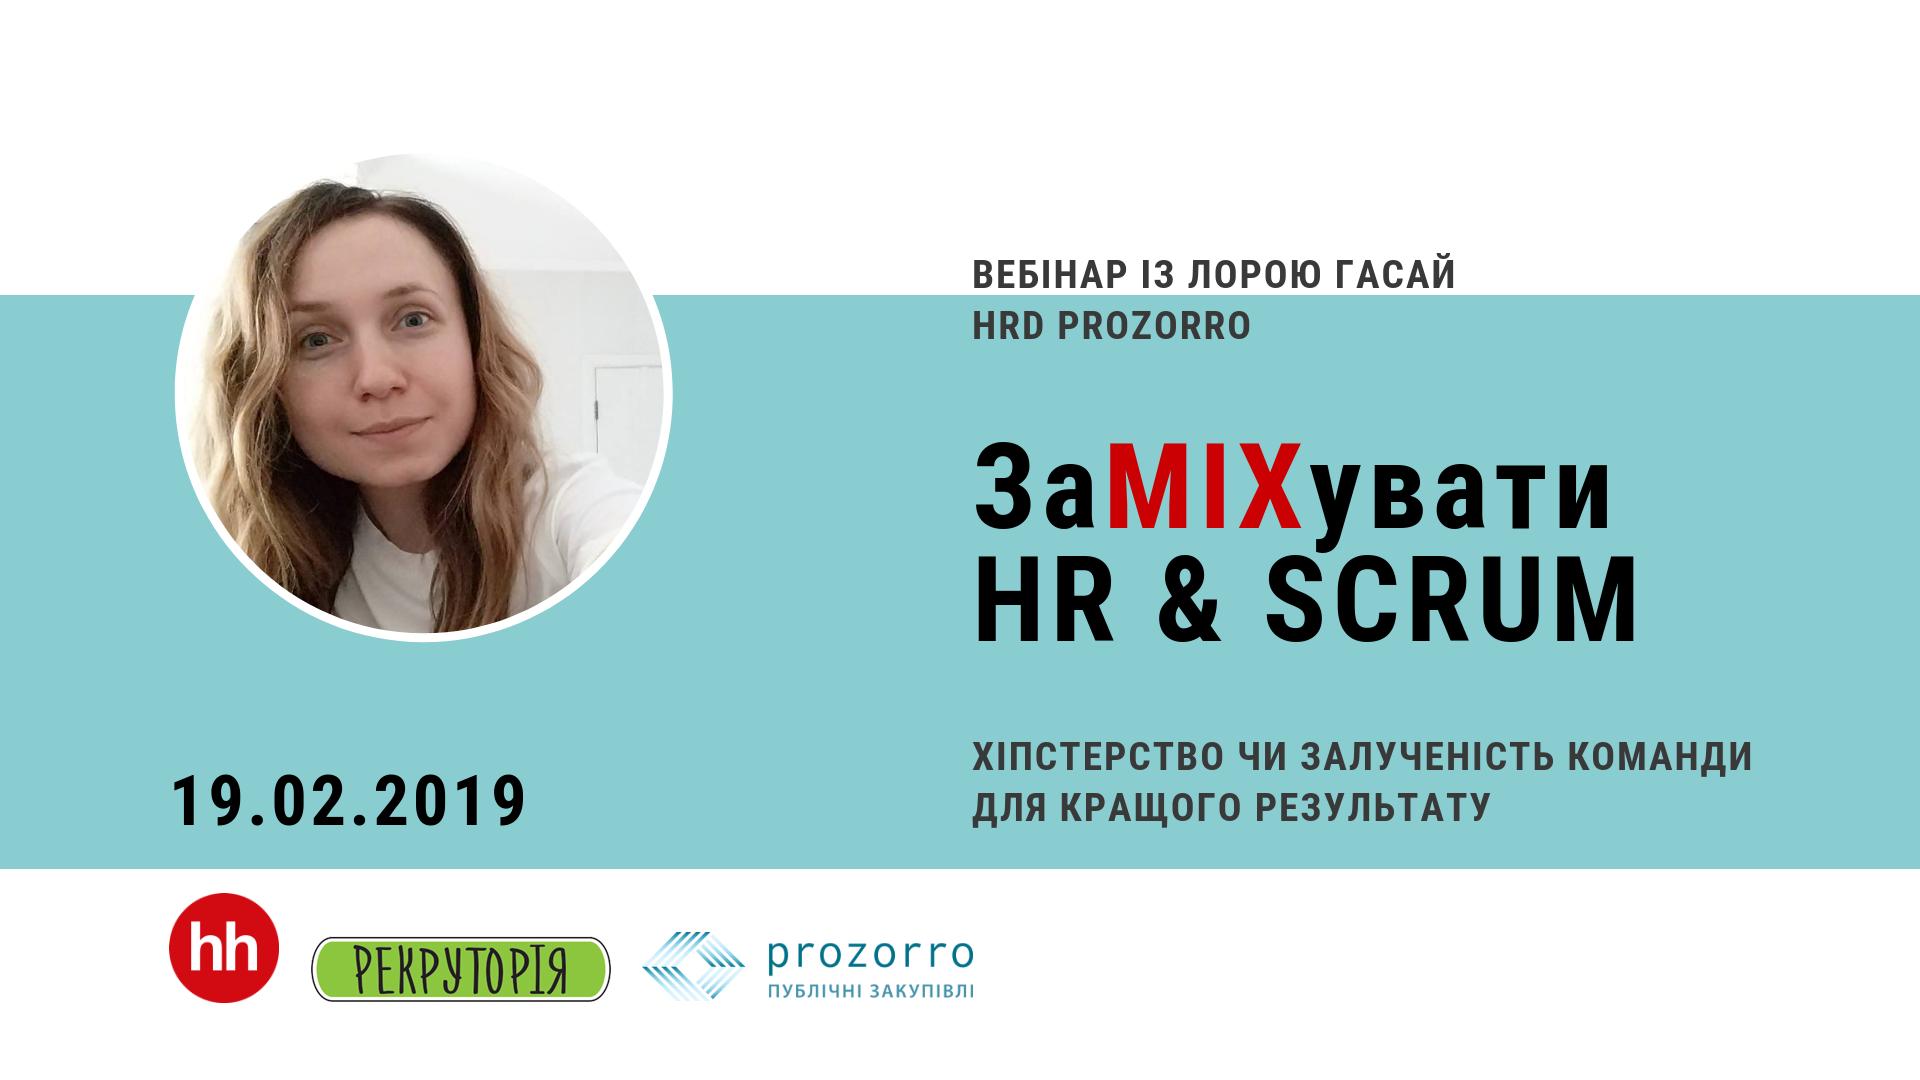 Вебінар «ЗаMIXувати HR & SCRUM» – 19.02.2019